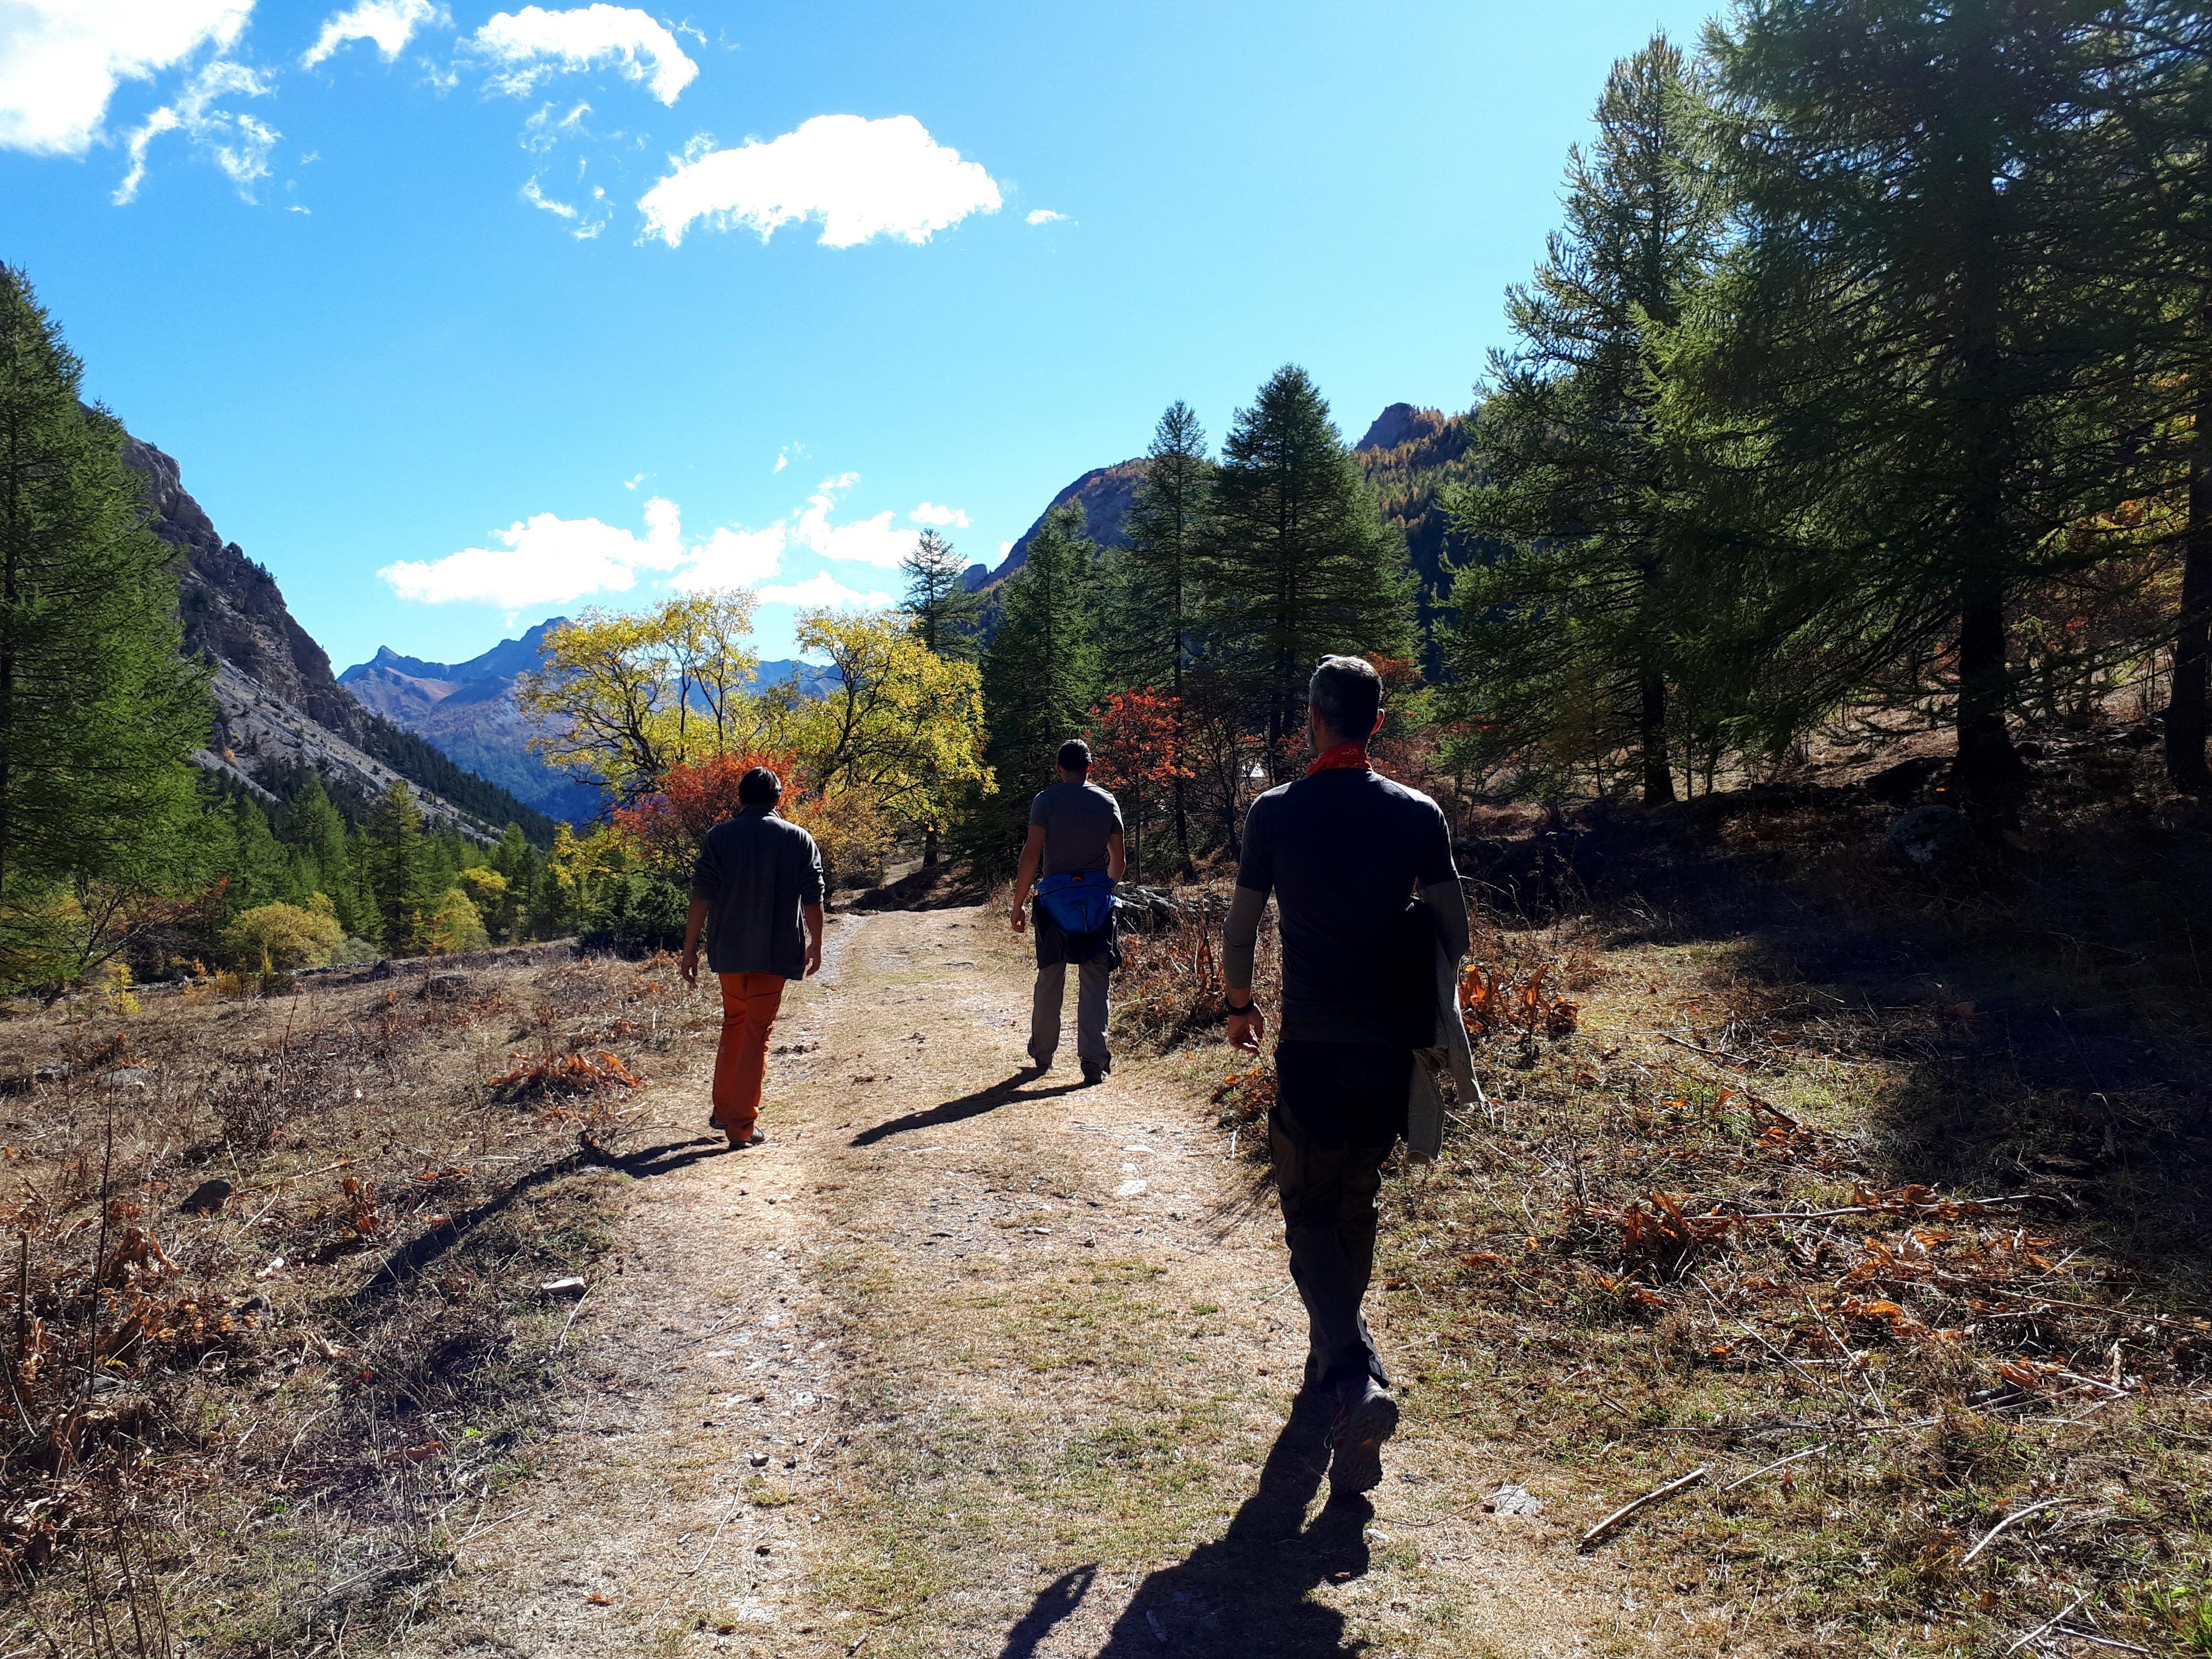 ancora un po' di colori autunnali in valle Stretta